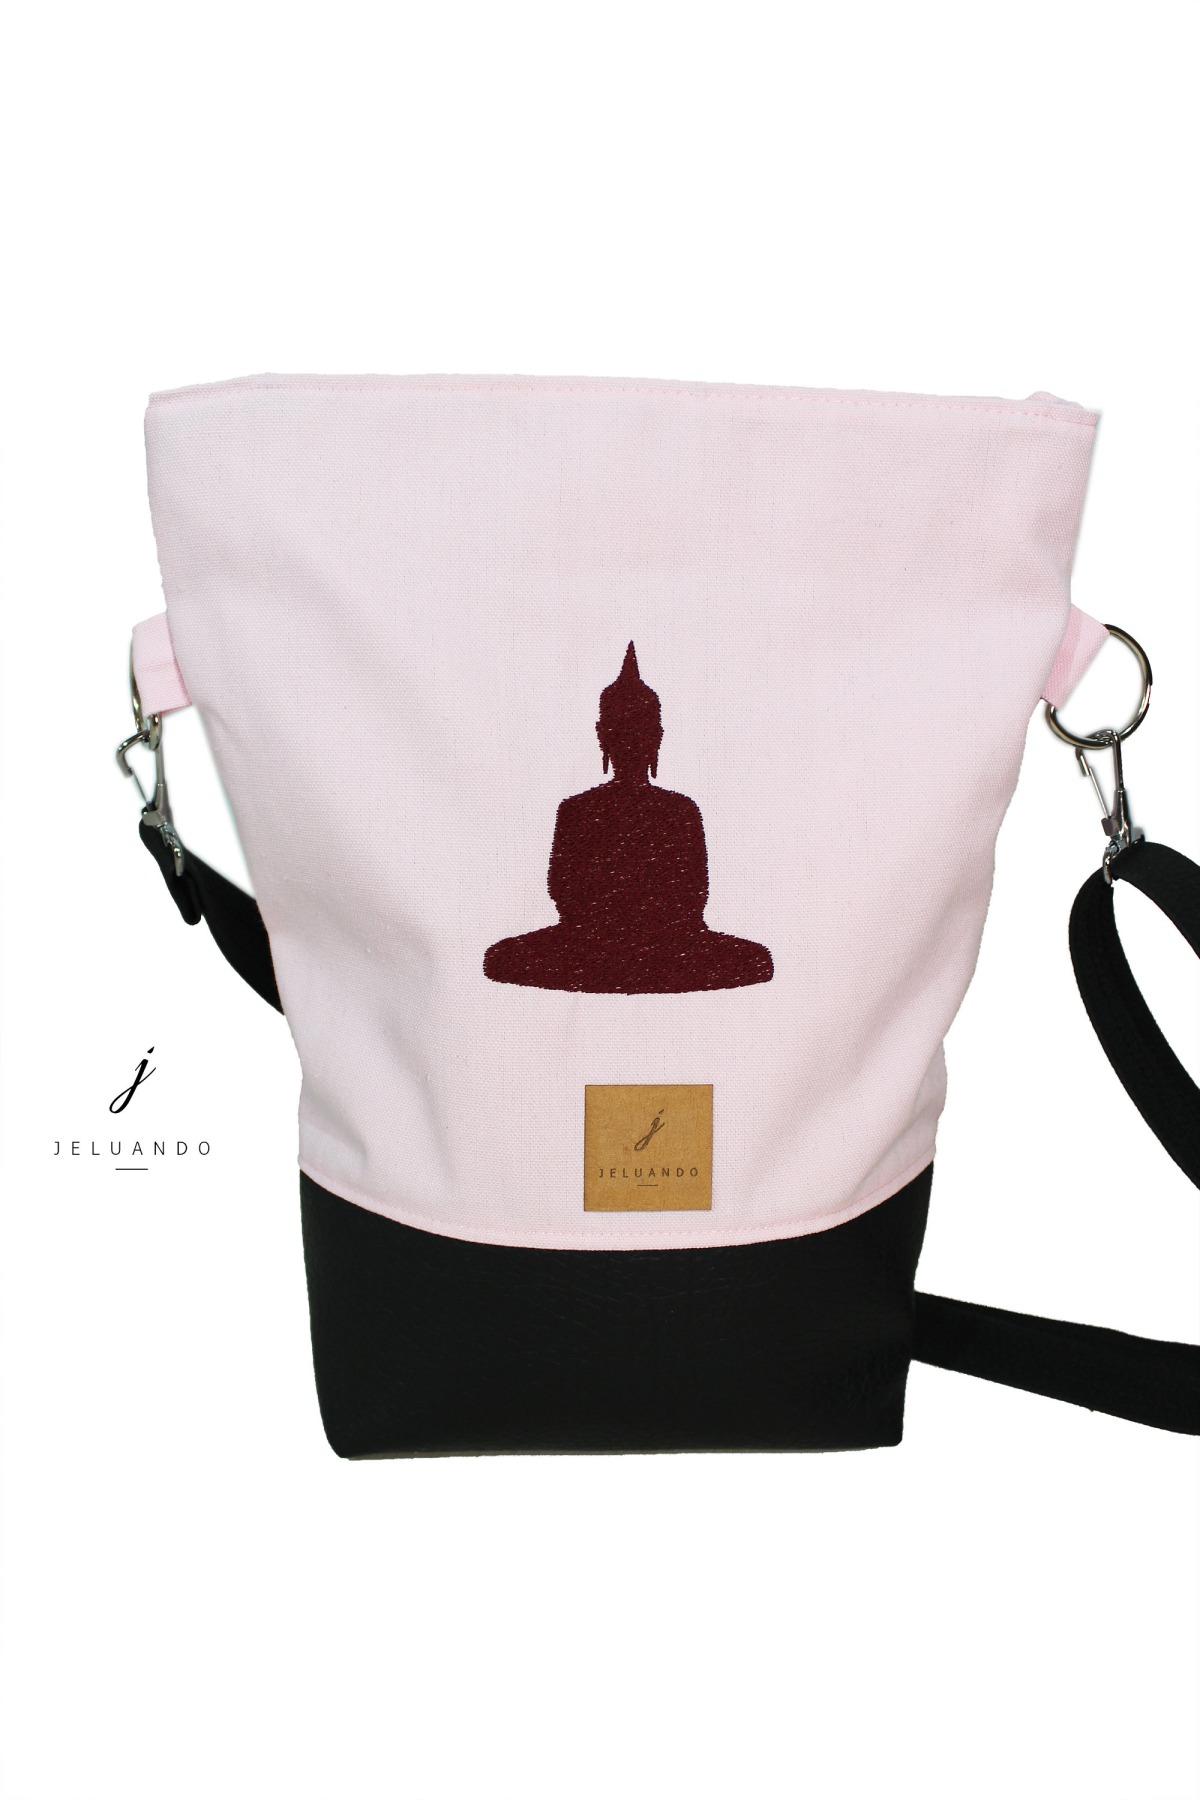 vegane Handtasche mit Stickmuster Buddha